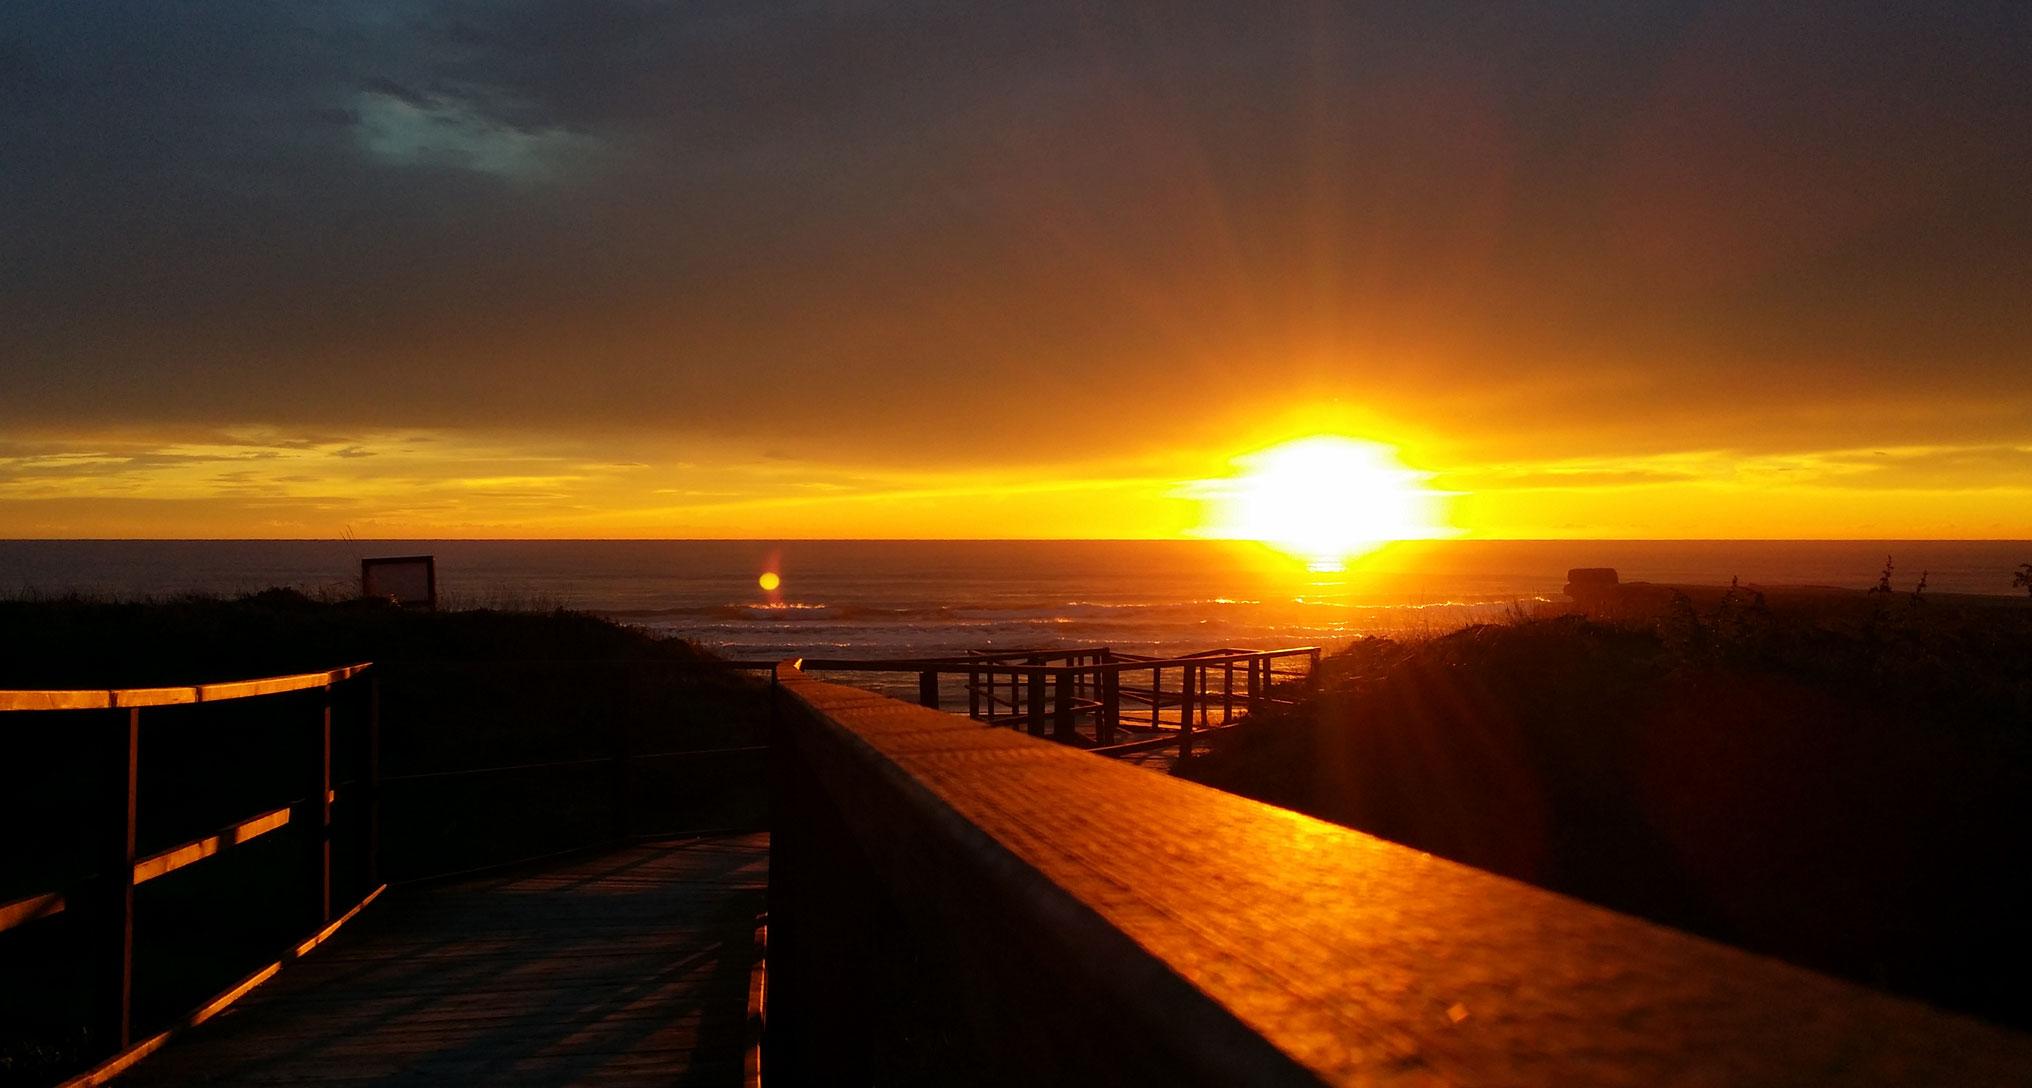 Tramonto sul mare a Sabaudia foto di tramonti sul mare un tramonto sulle dune a Sabaudia latina foto di tramonto mare al tramonto immagini di tramonti bellissimi immagine di un tramonto a sabaudia tramonti scattati sul mare